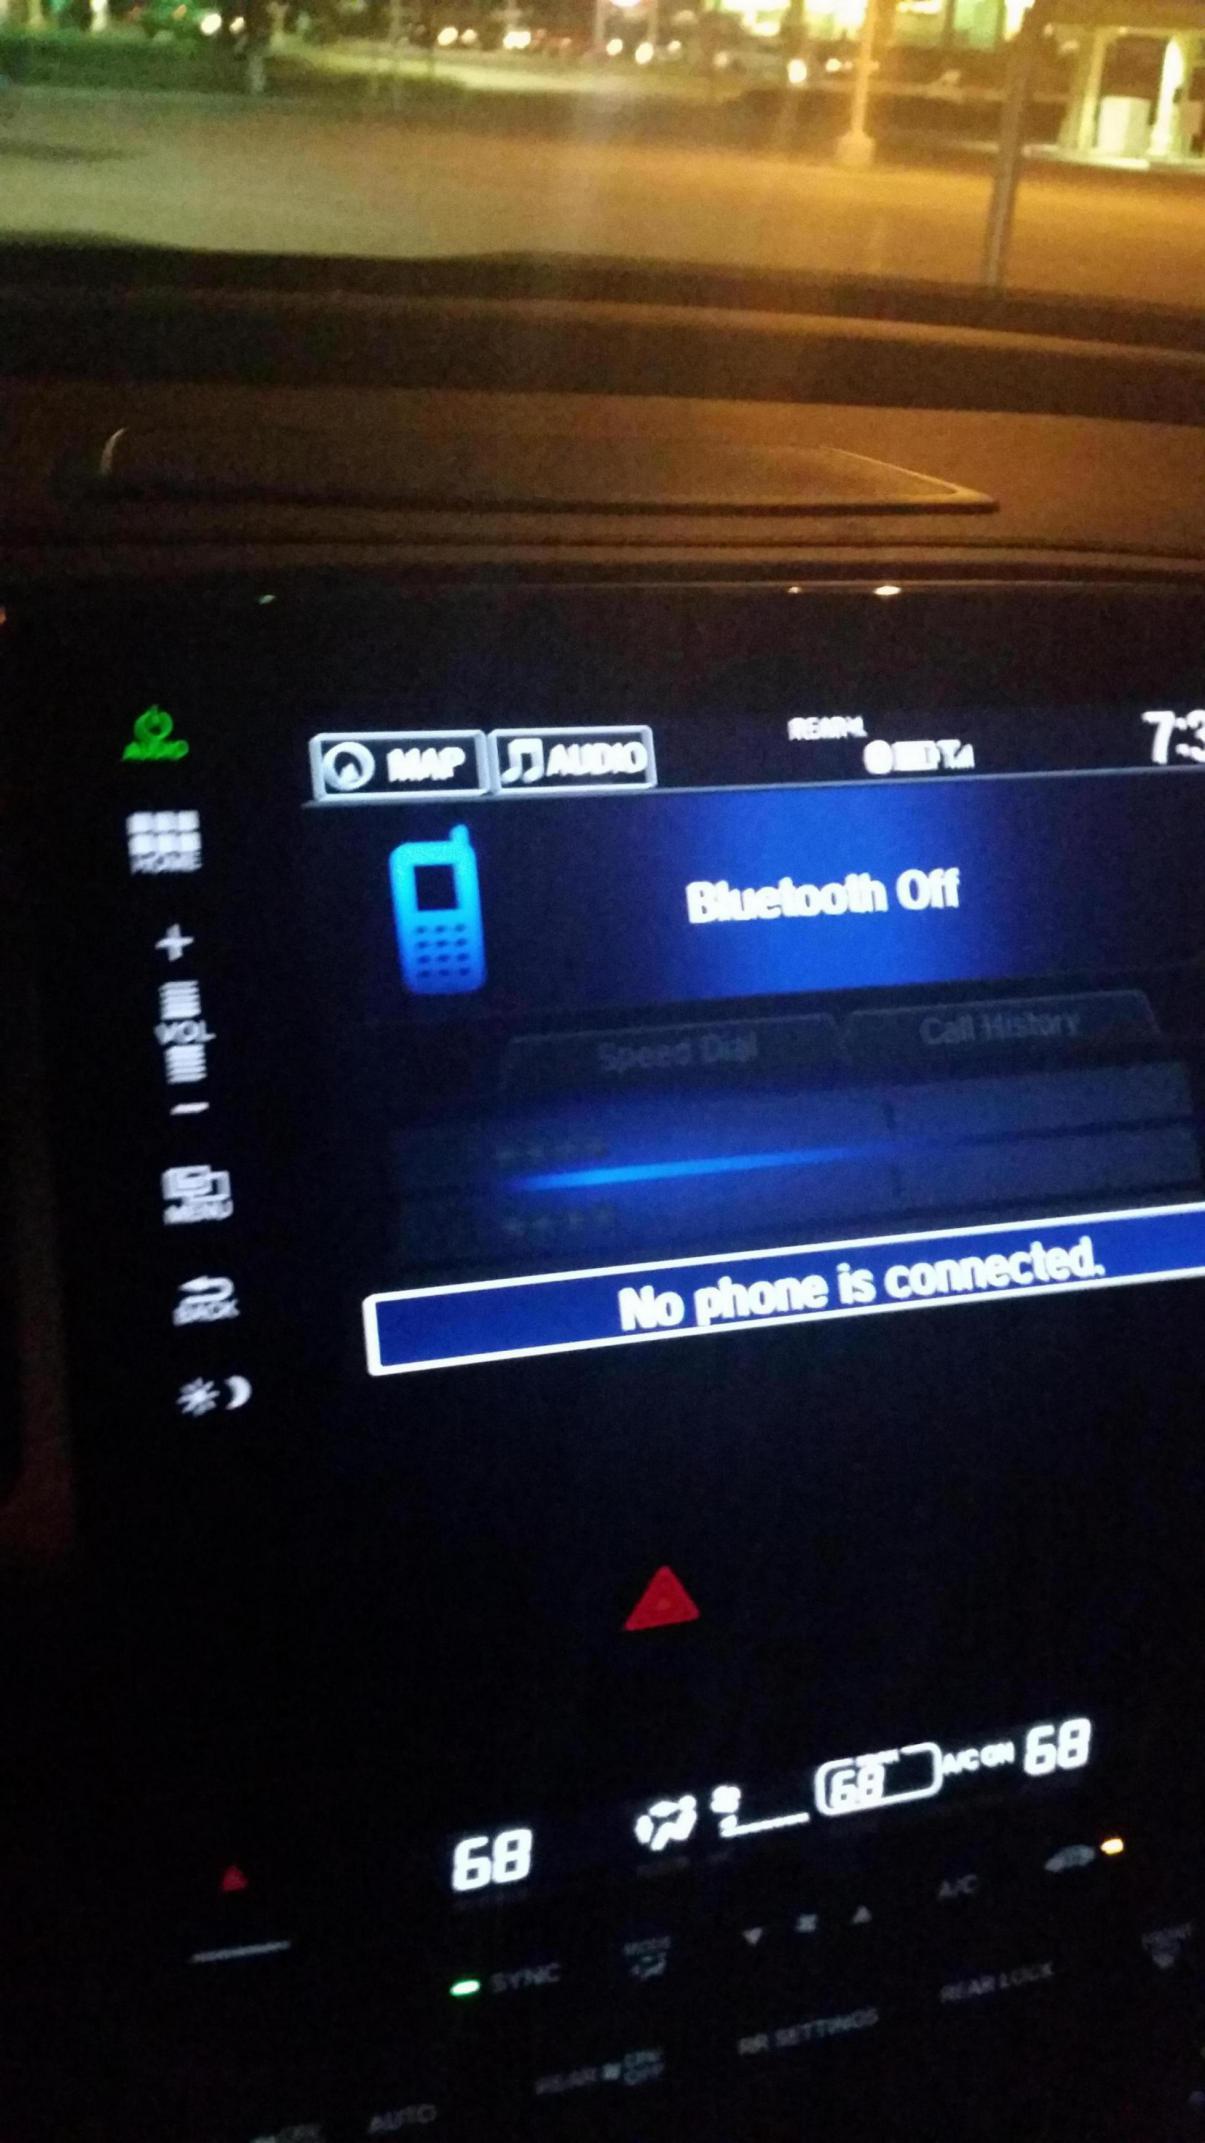 Honda Pilot Receiver With Navigation